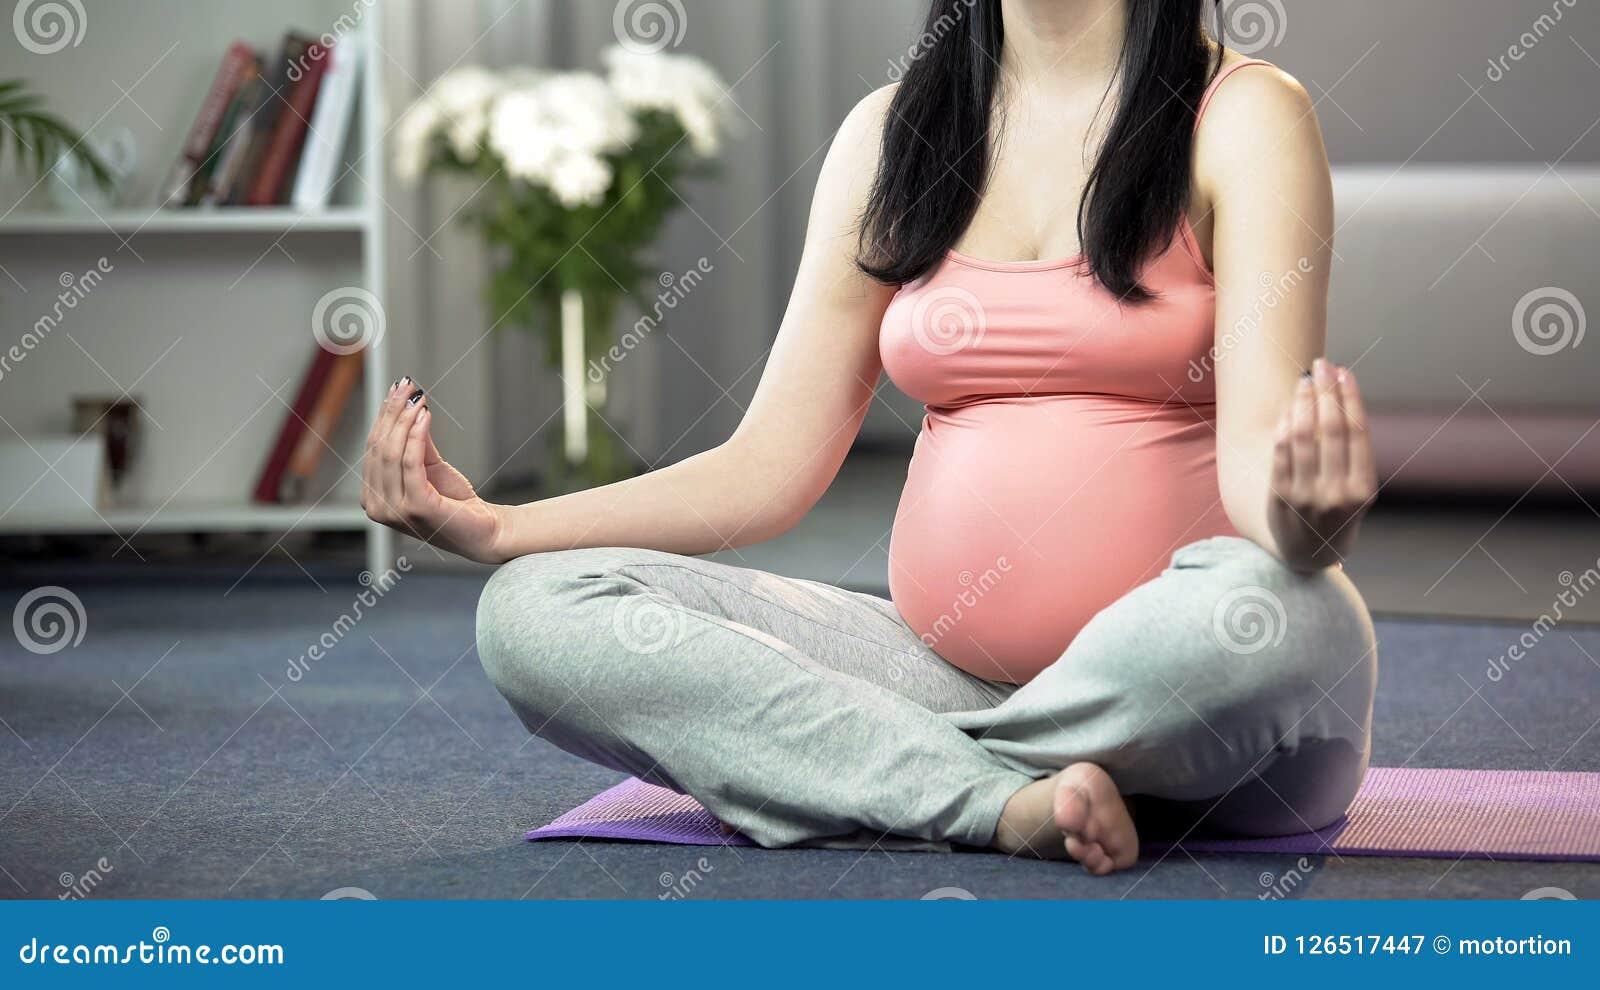 De zwangere doende lotusbloem stelt yoga voor toekomst mum gevend om geestelijke gezondheid van baby